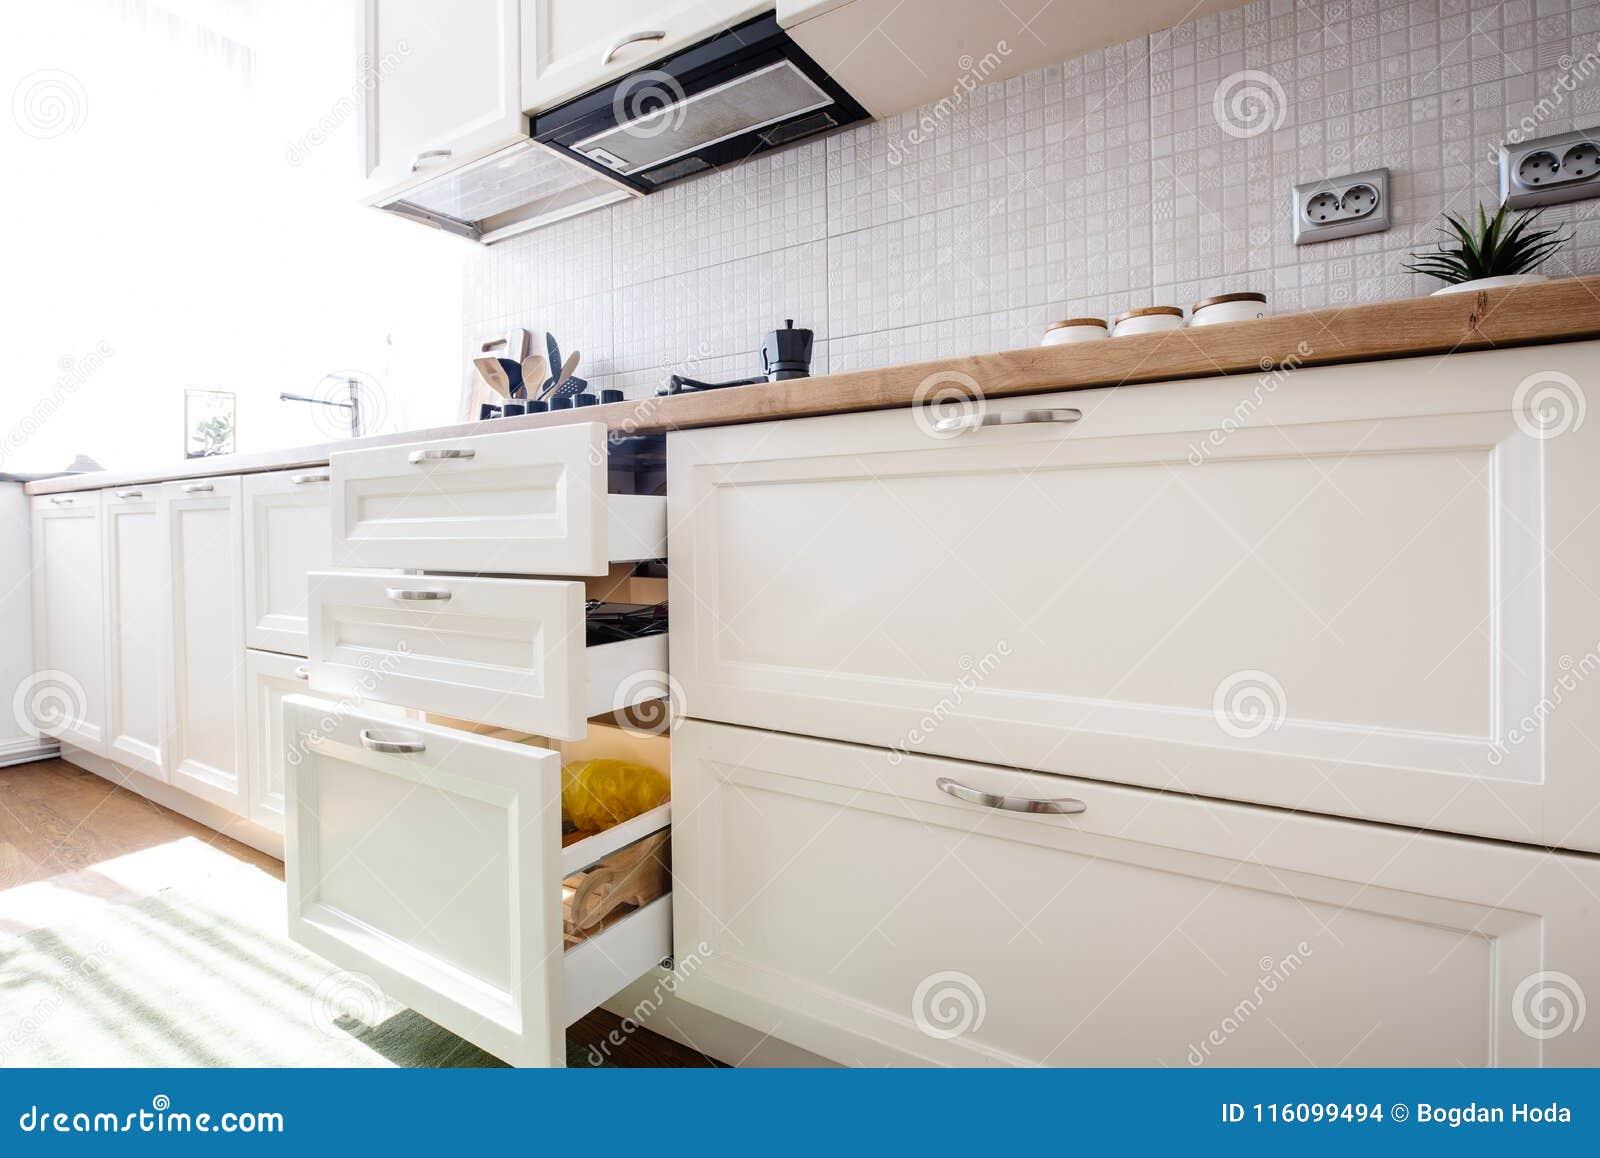 Moderne Küchenschränke Mit Neuen Geräten